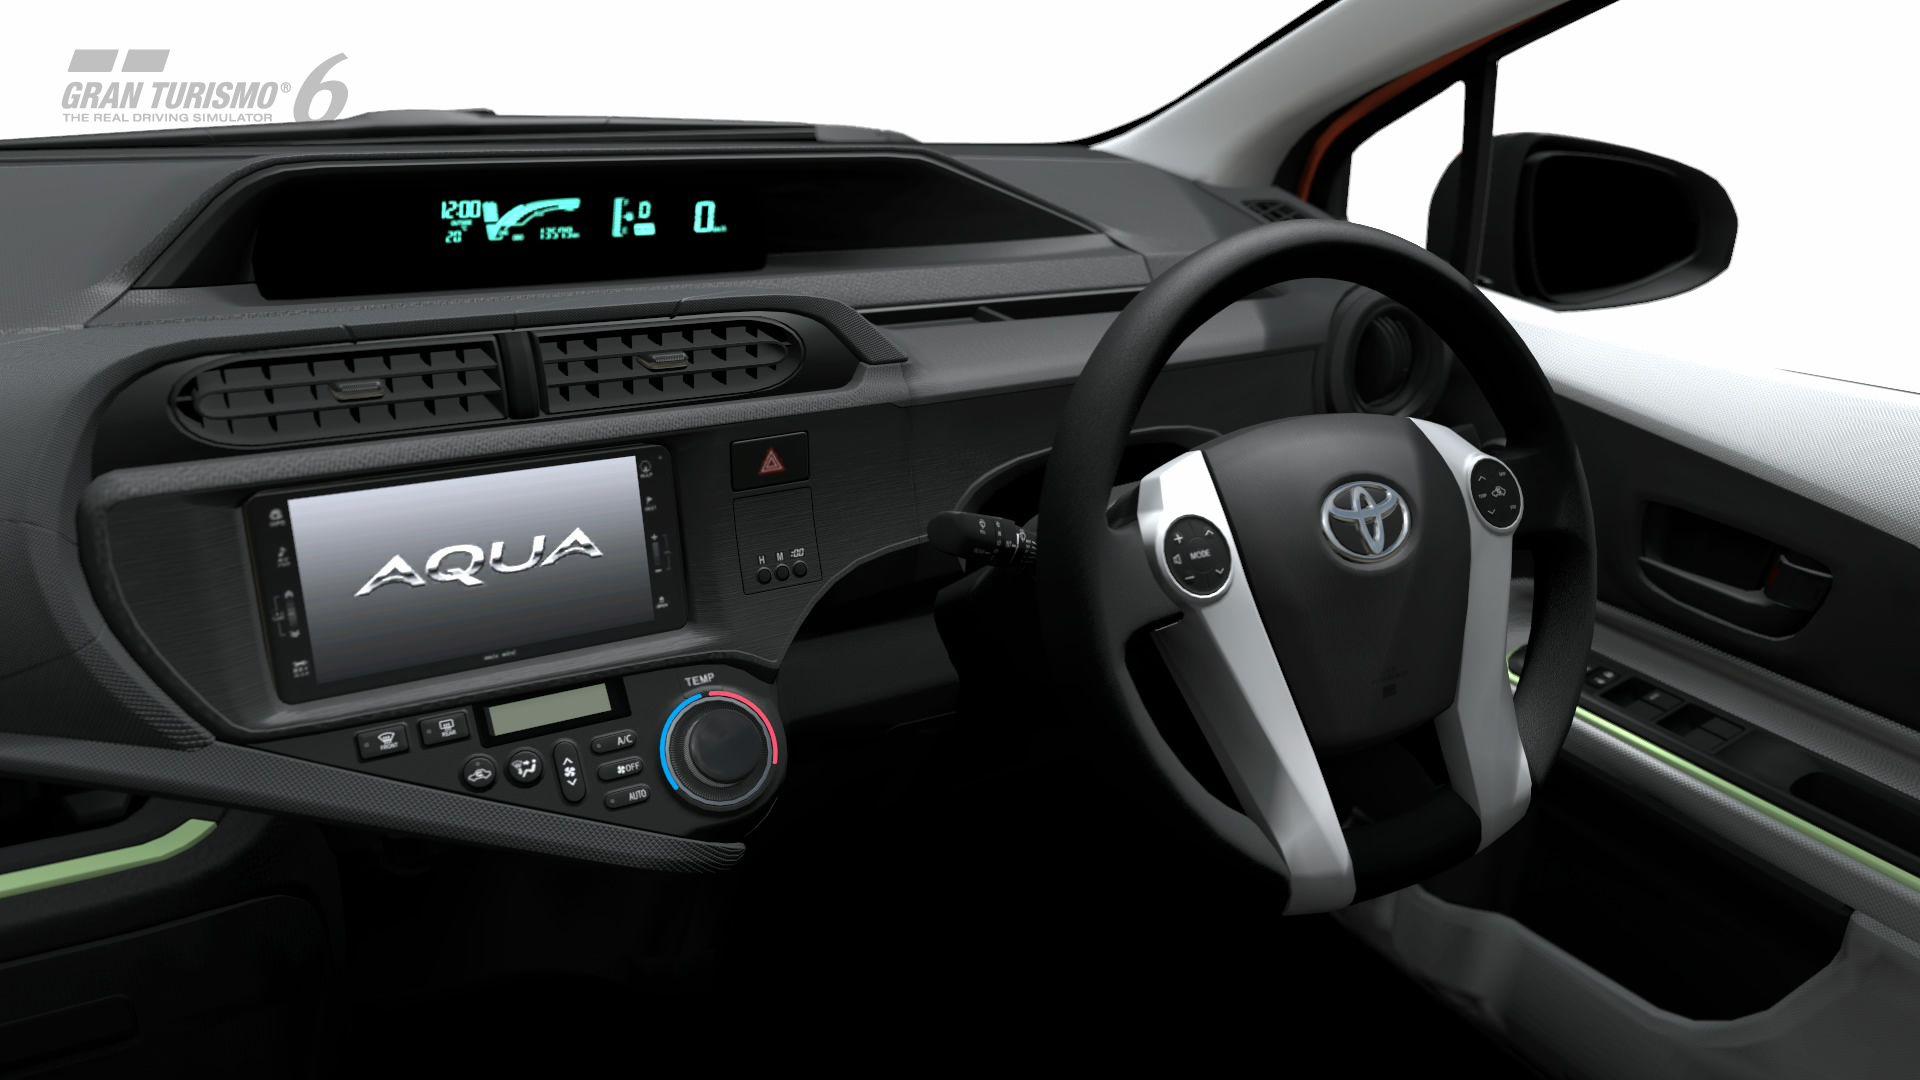 Toyota Aqua S Interior Gt6 Toyota Aqua Aqua Toyota Steering